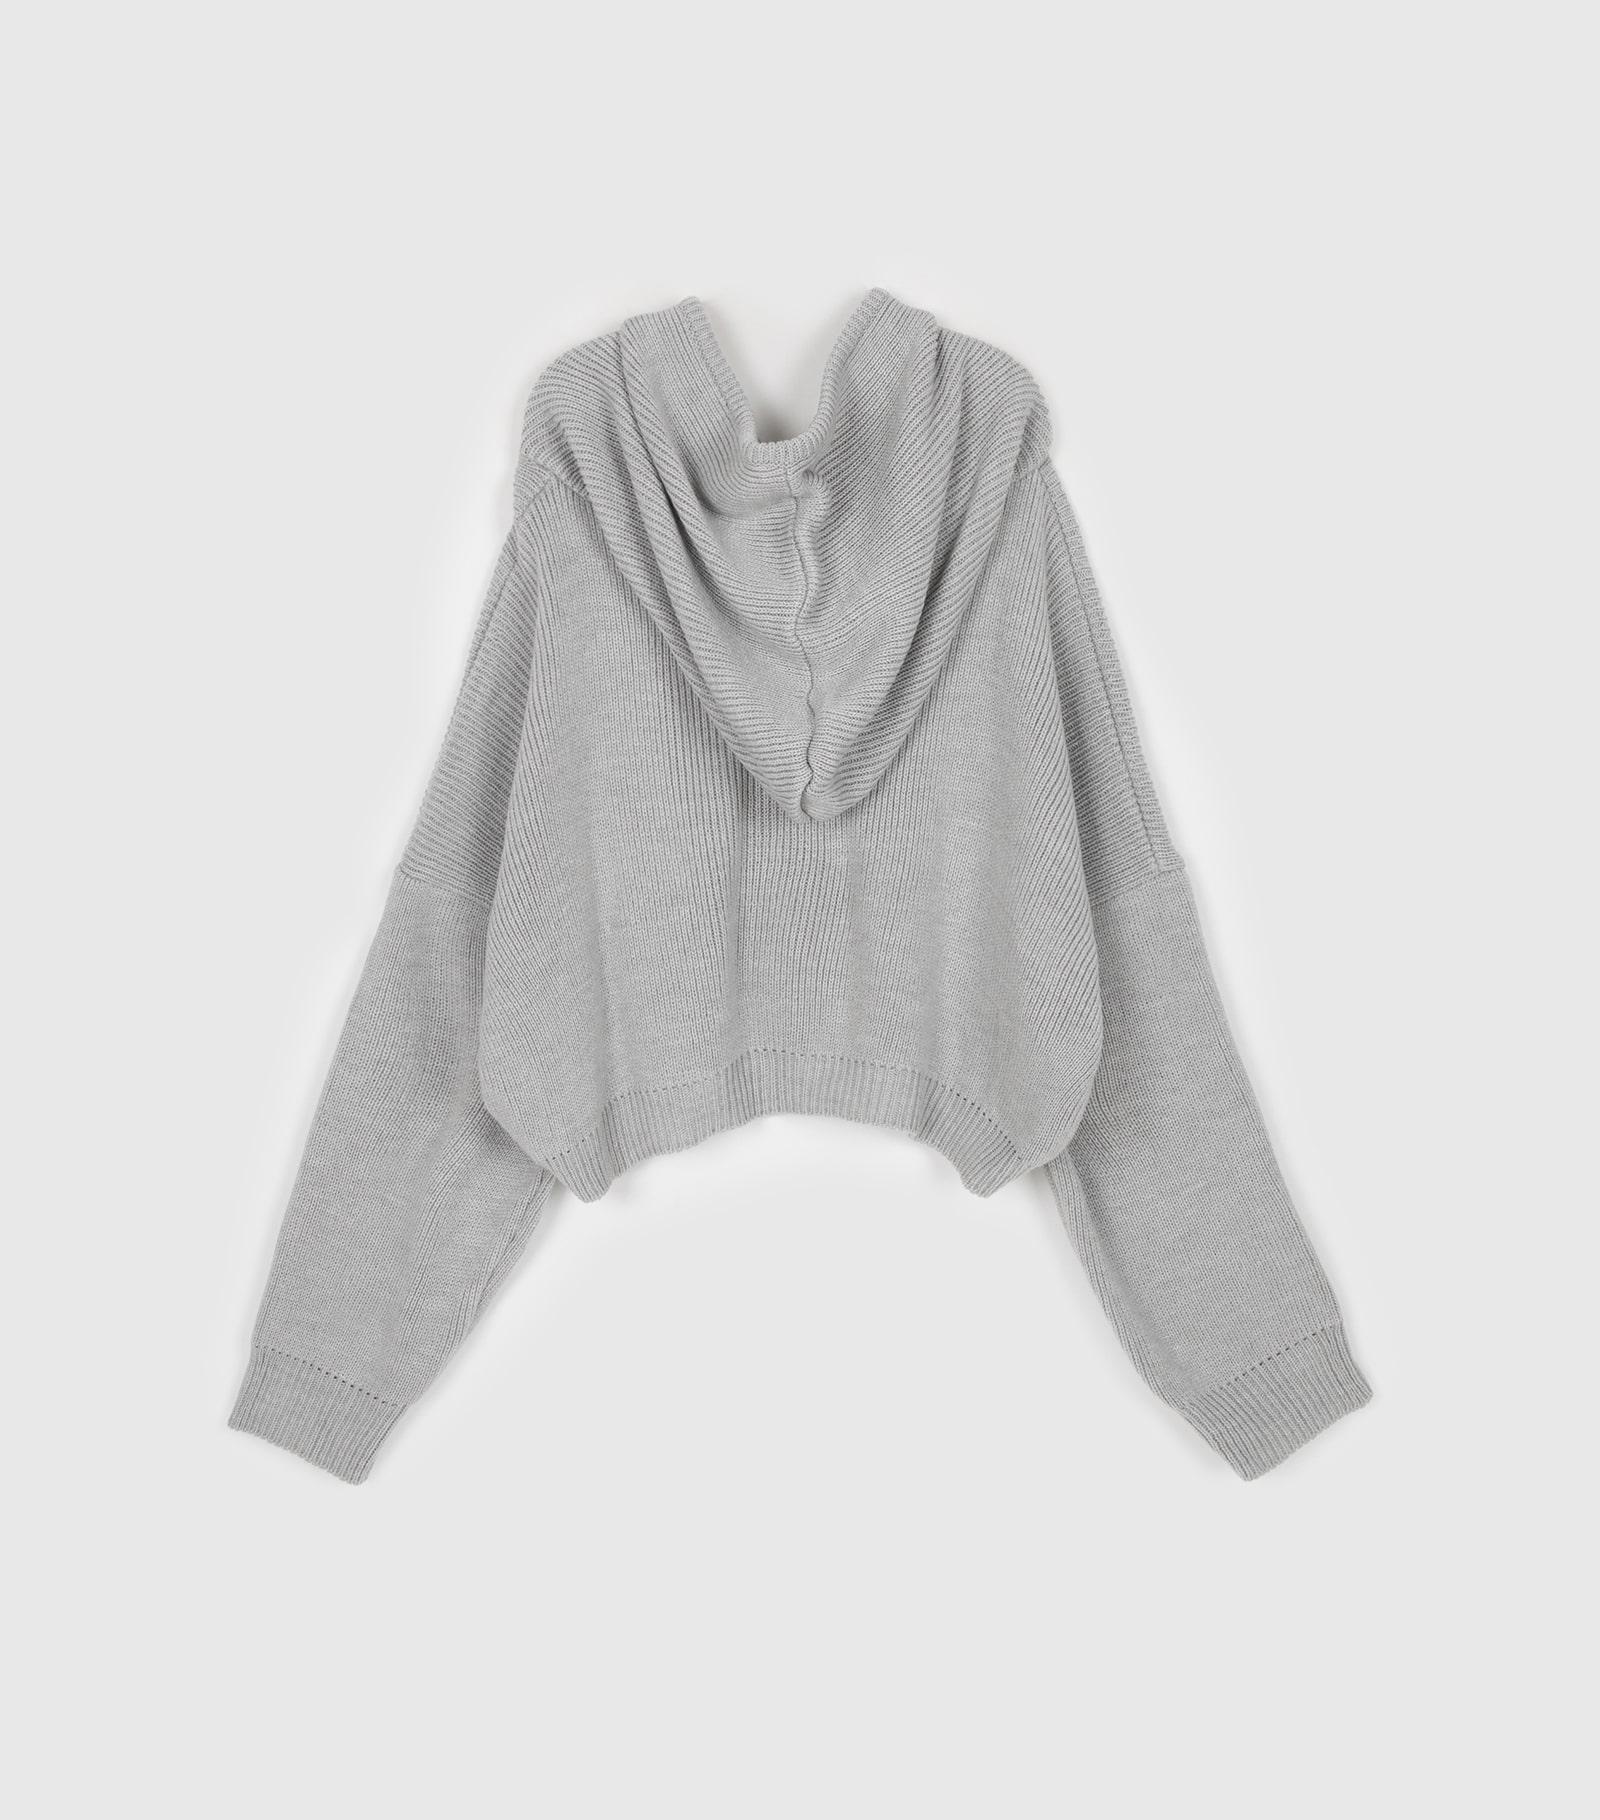 Loose hooded knit zip-up sweatshirt